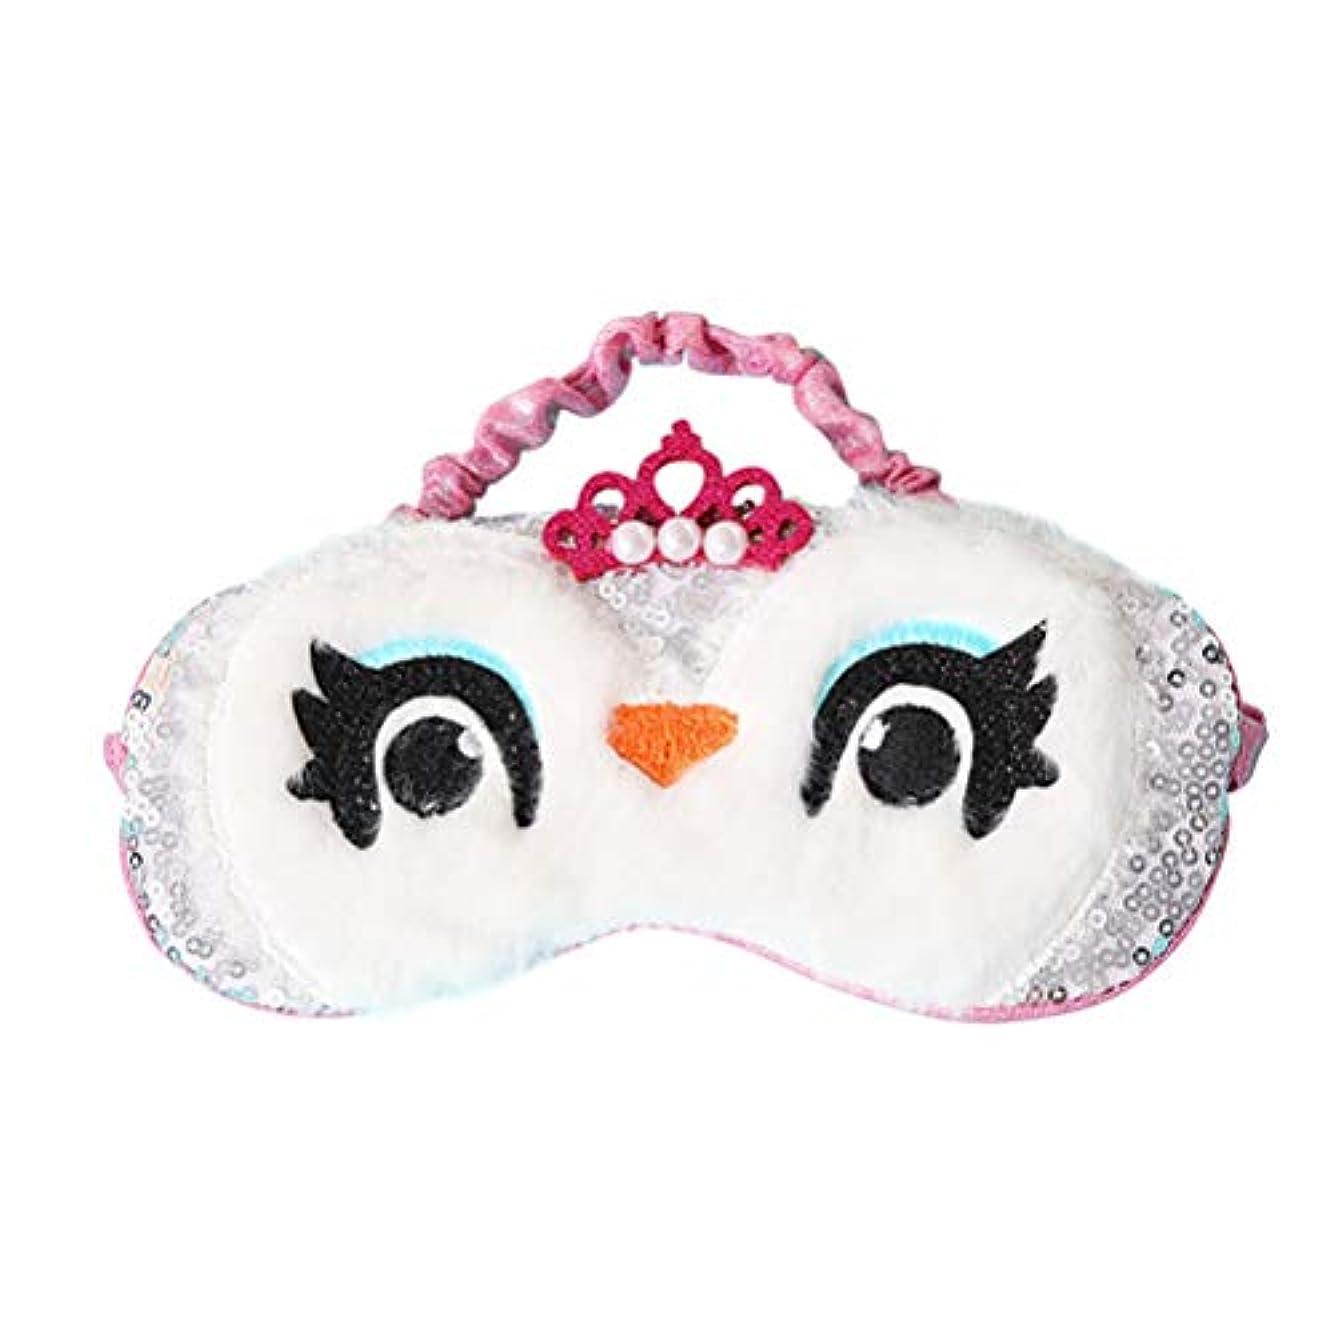 喜んで蒸発するシニスHealifty アイマスクかわいいぬいぐるみ目隠しアイカバー用女性女の子子供ホームベッド旅行フライトカーキャンプ用(ホワイト)